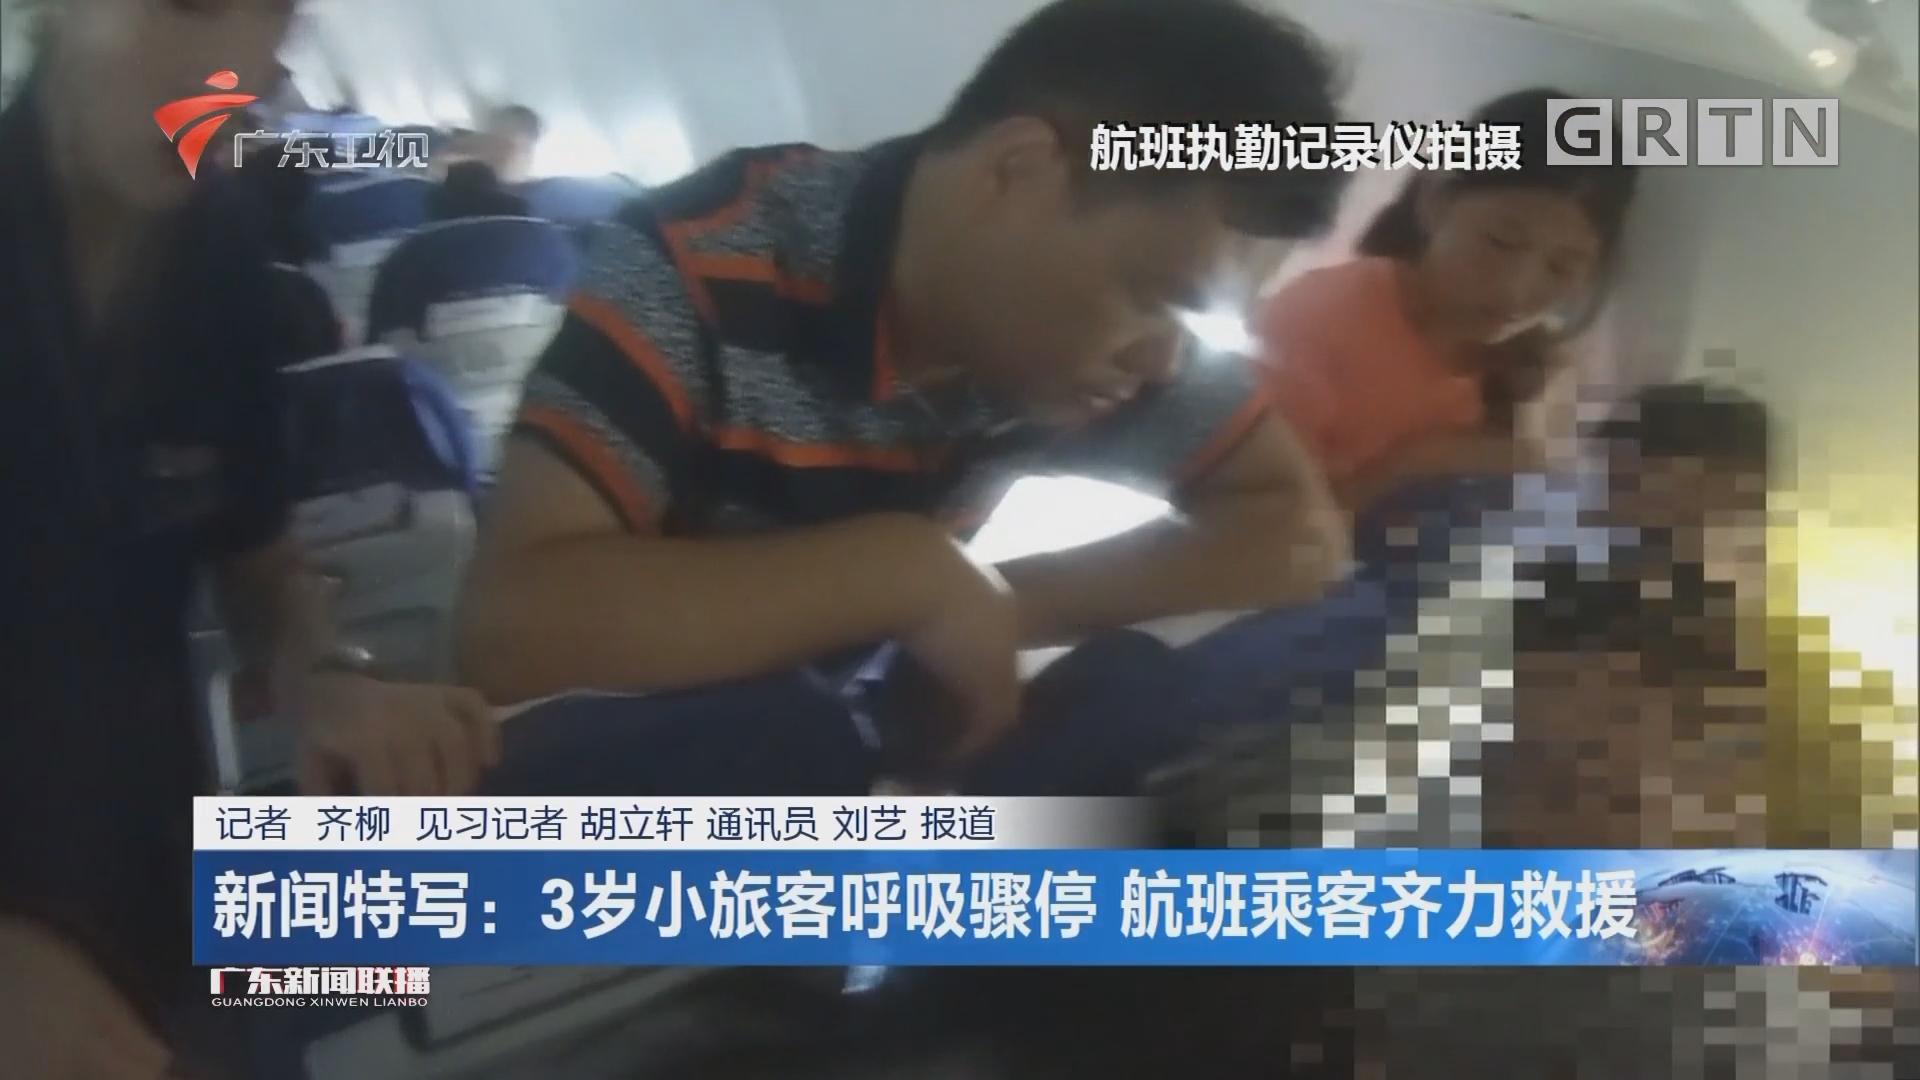 新闻特写:3岁小旅客呼吸骤停 航班乘客齐力救援